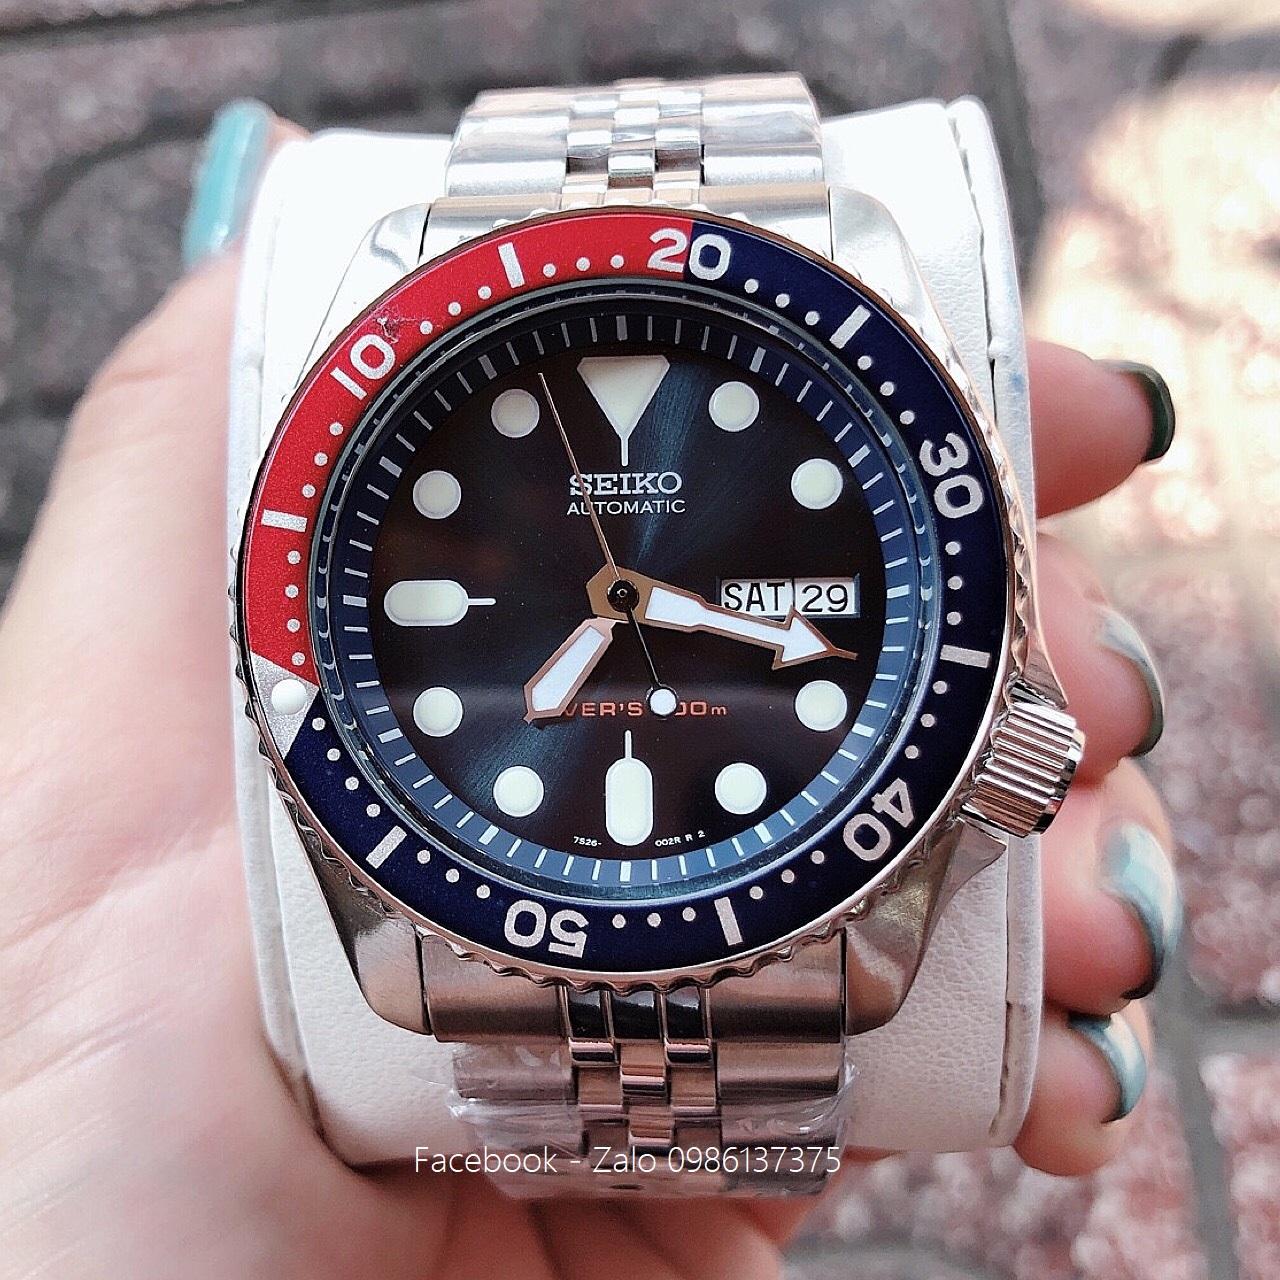 Đồng Hồ Seiko Nam Automatic Diver's 200m Xanh Đỏ